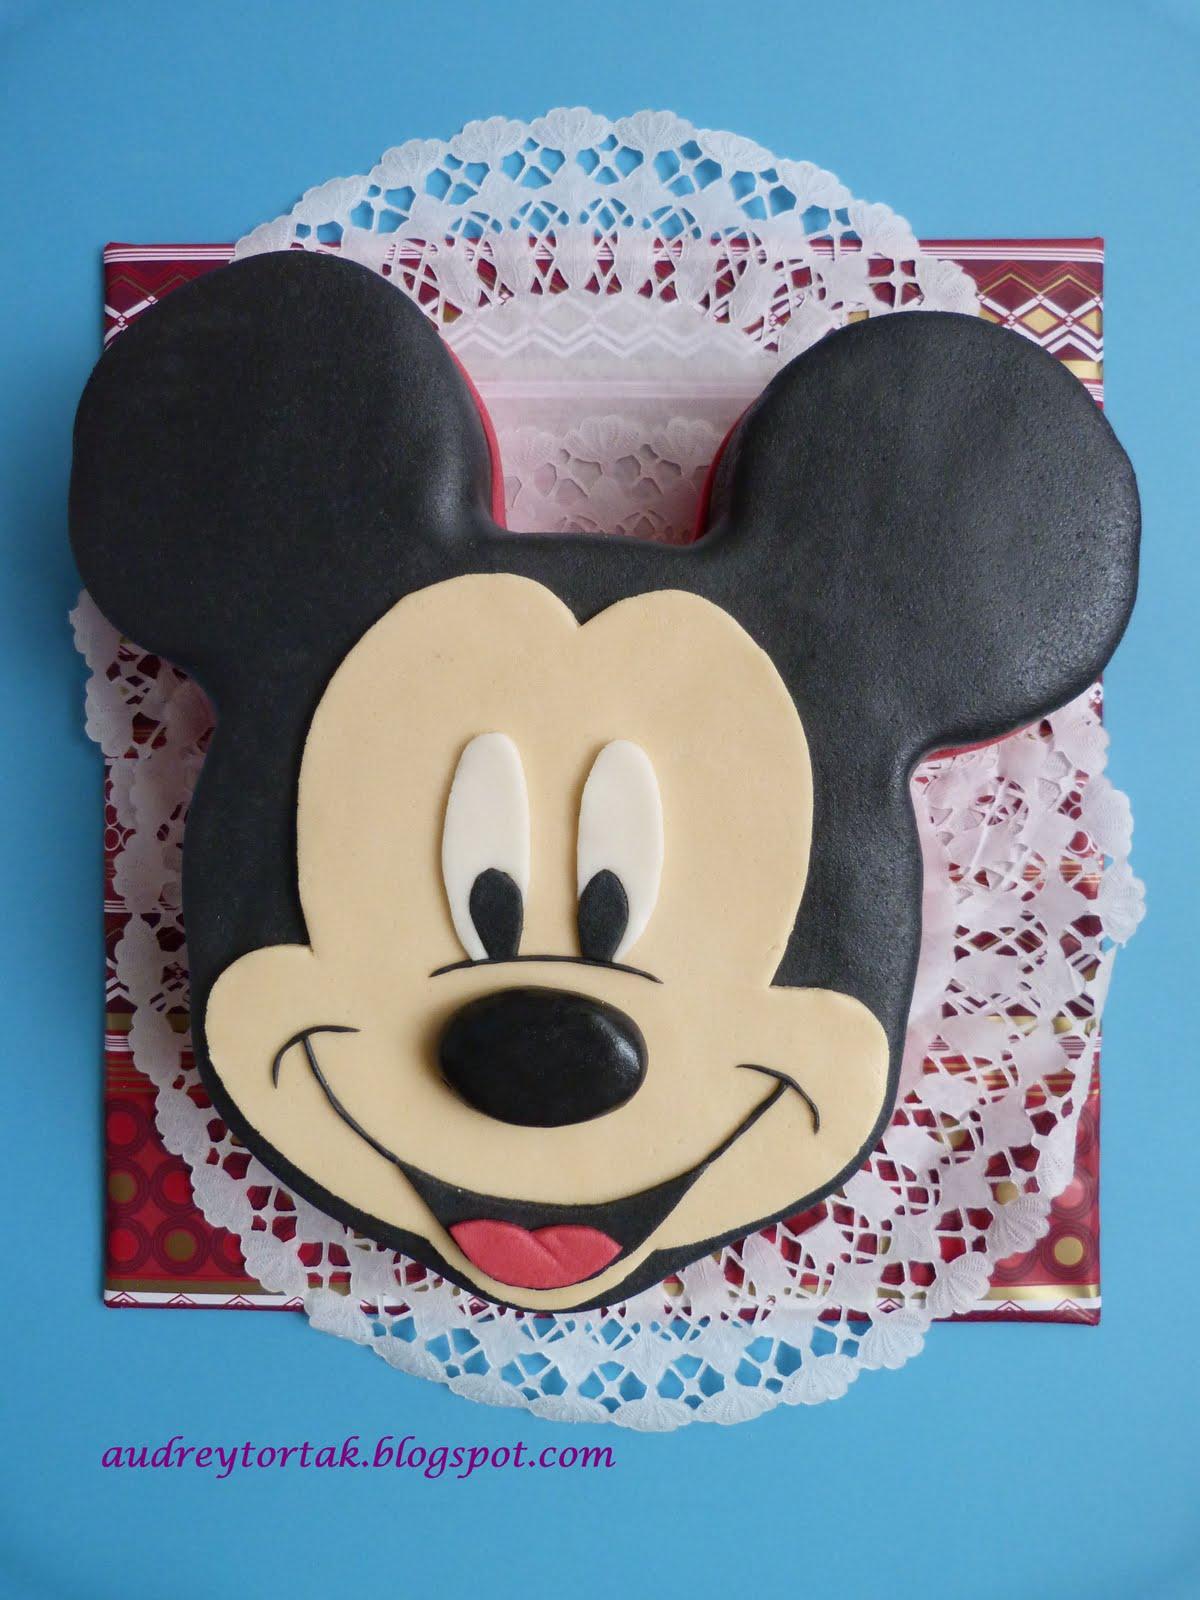 miki egér torta képek Egy szelet tortát?: Mickey egér torta miki egér torta képek